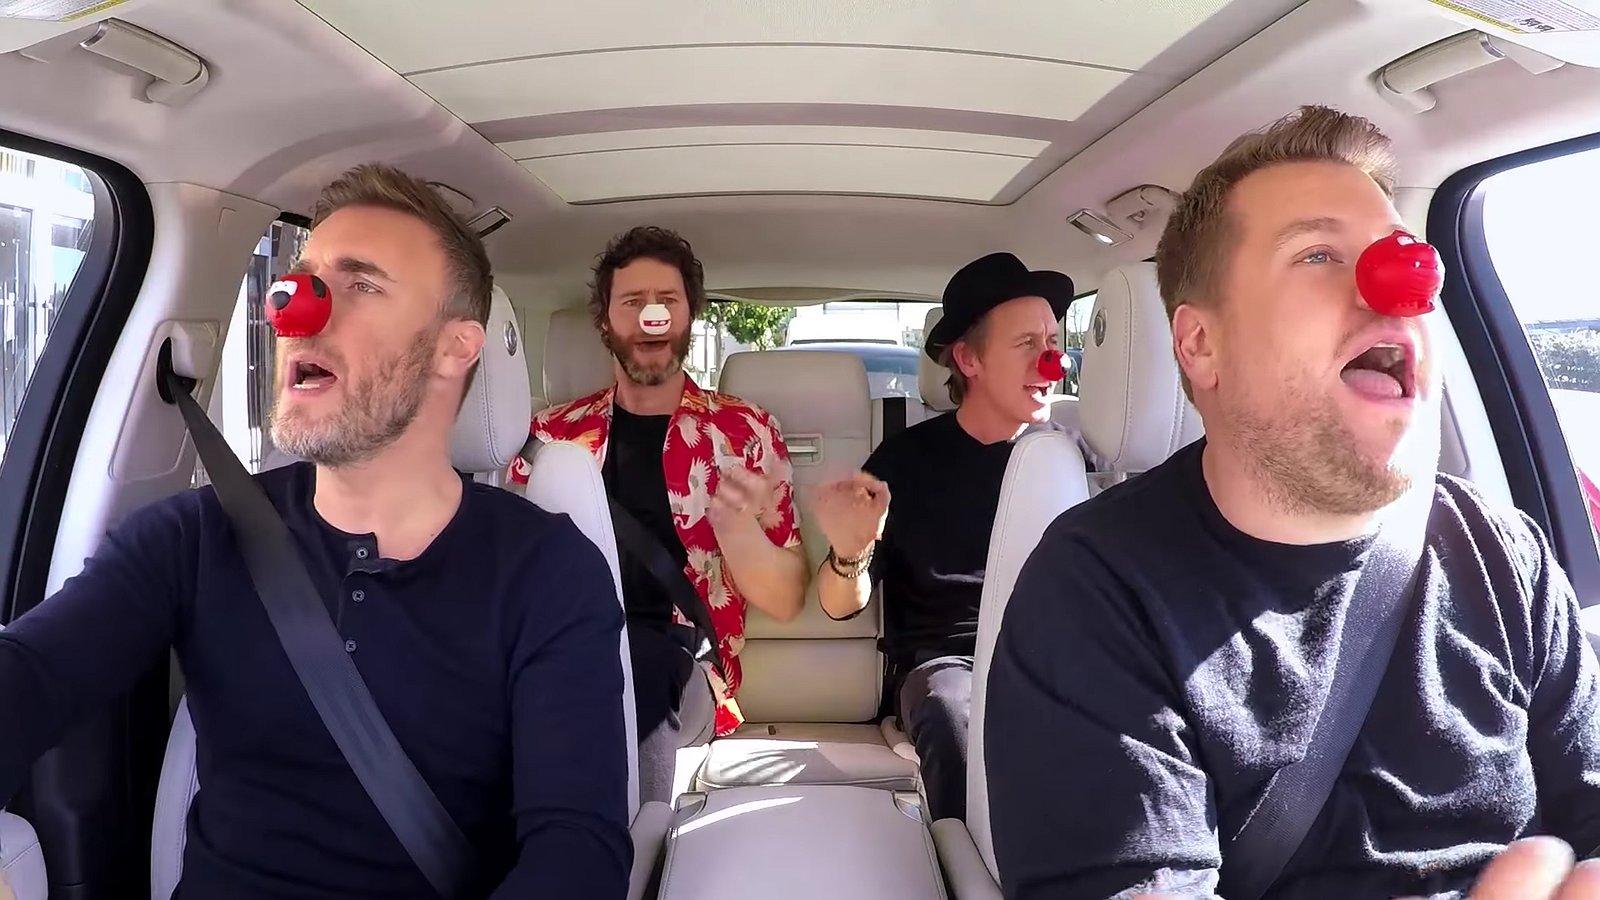 Lachen: Carpool Karaoke met Take That